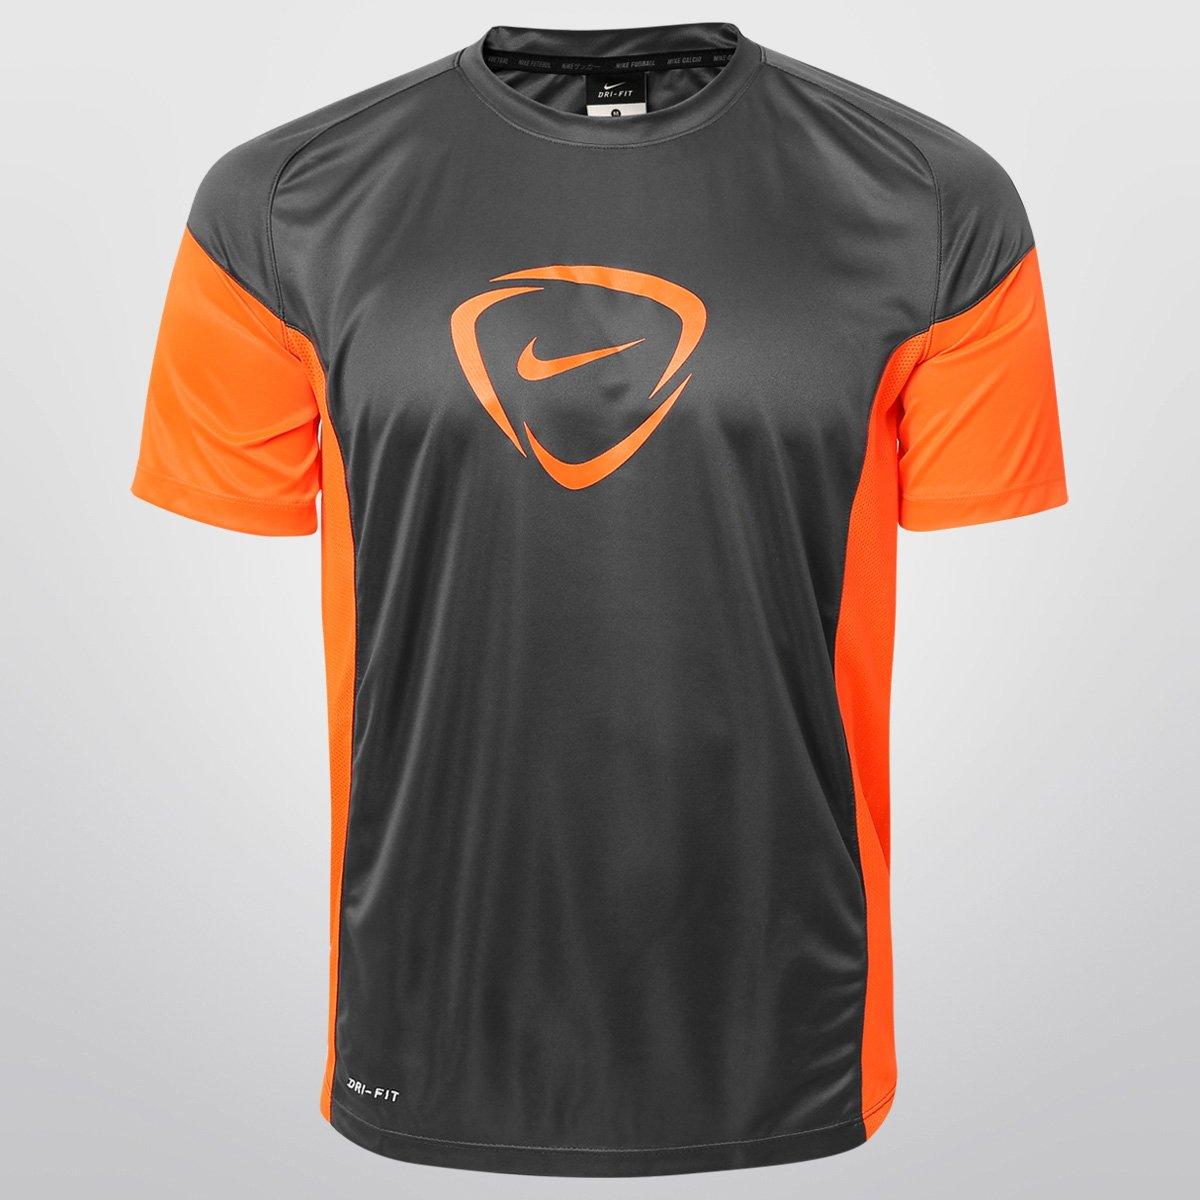 c002ff5315 Camisa Nike Academy Training Top - Compre Agora